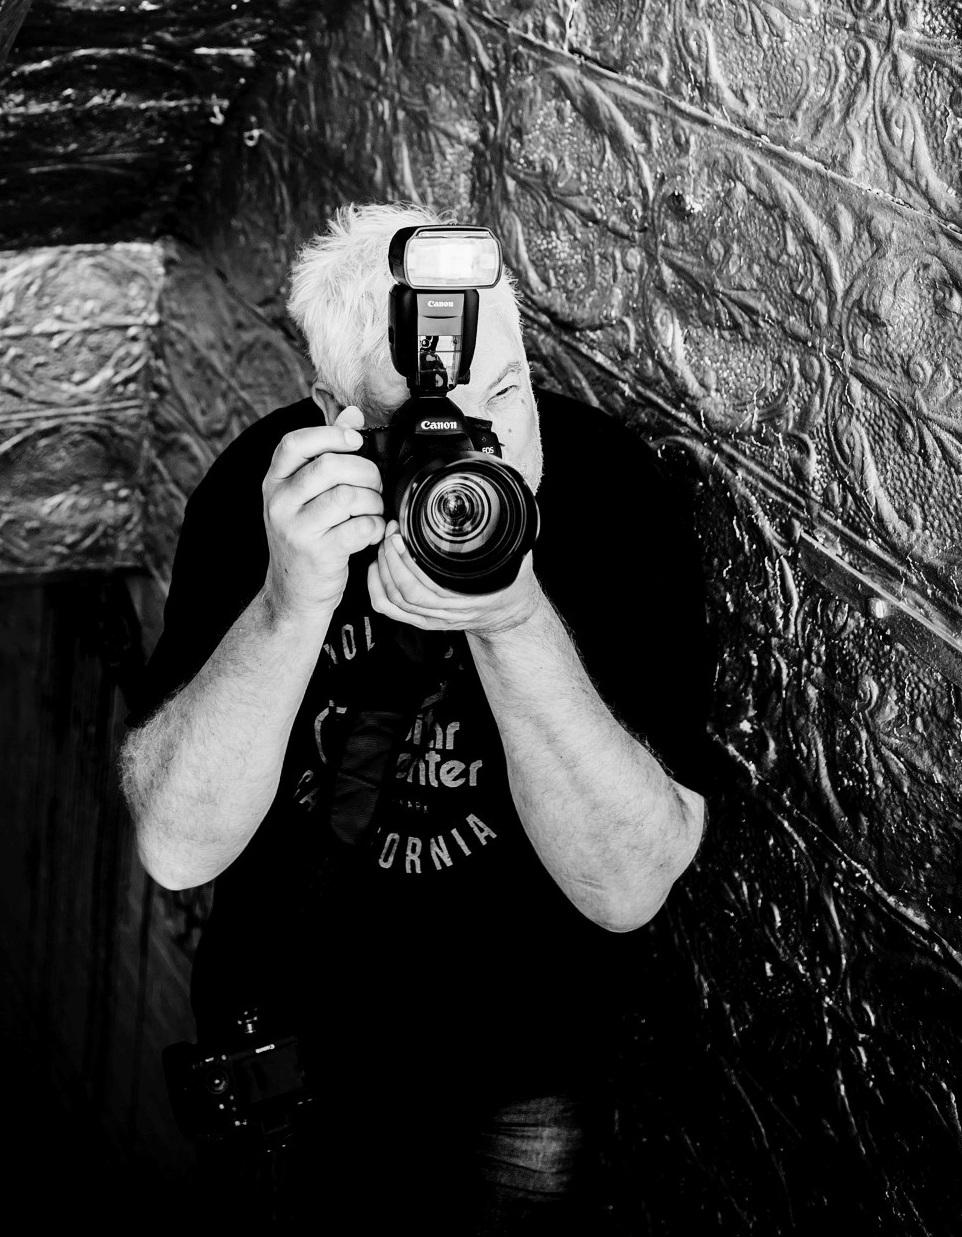 Der Fotograf für Coaches - NACH DEM INTERVIEW GEHEN WIR BEIDE MIT DEM GLEICHEN GEDANKEN INS WOCHENENDE: AB WANN IST MAN EIN EXPERTE?Raimund Verspohl ist Portraitfotograf und Grafikdesigner. Ich habe ihn kennengelernt, weil meine Website ein Foto haben sollte. Nach Empfehlung habe ich mir natürlich seine Website angeschaut. Da gibt es wirklich schicke Bilder – von anderen. Trotzdem rief ich ihn an. Raimund fragte schlicht, was ich haben will... aus meiner Sicht war das eine Frage vom Experten.www.coachfotograf.deBildnachweise: Bild 1.) Sabrina Rosopulo, Bild 2.) Raimund Verspohl und Bild 3.) Stephanie Wiesner